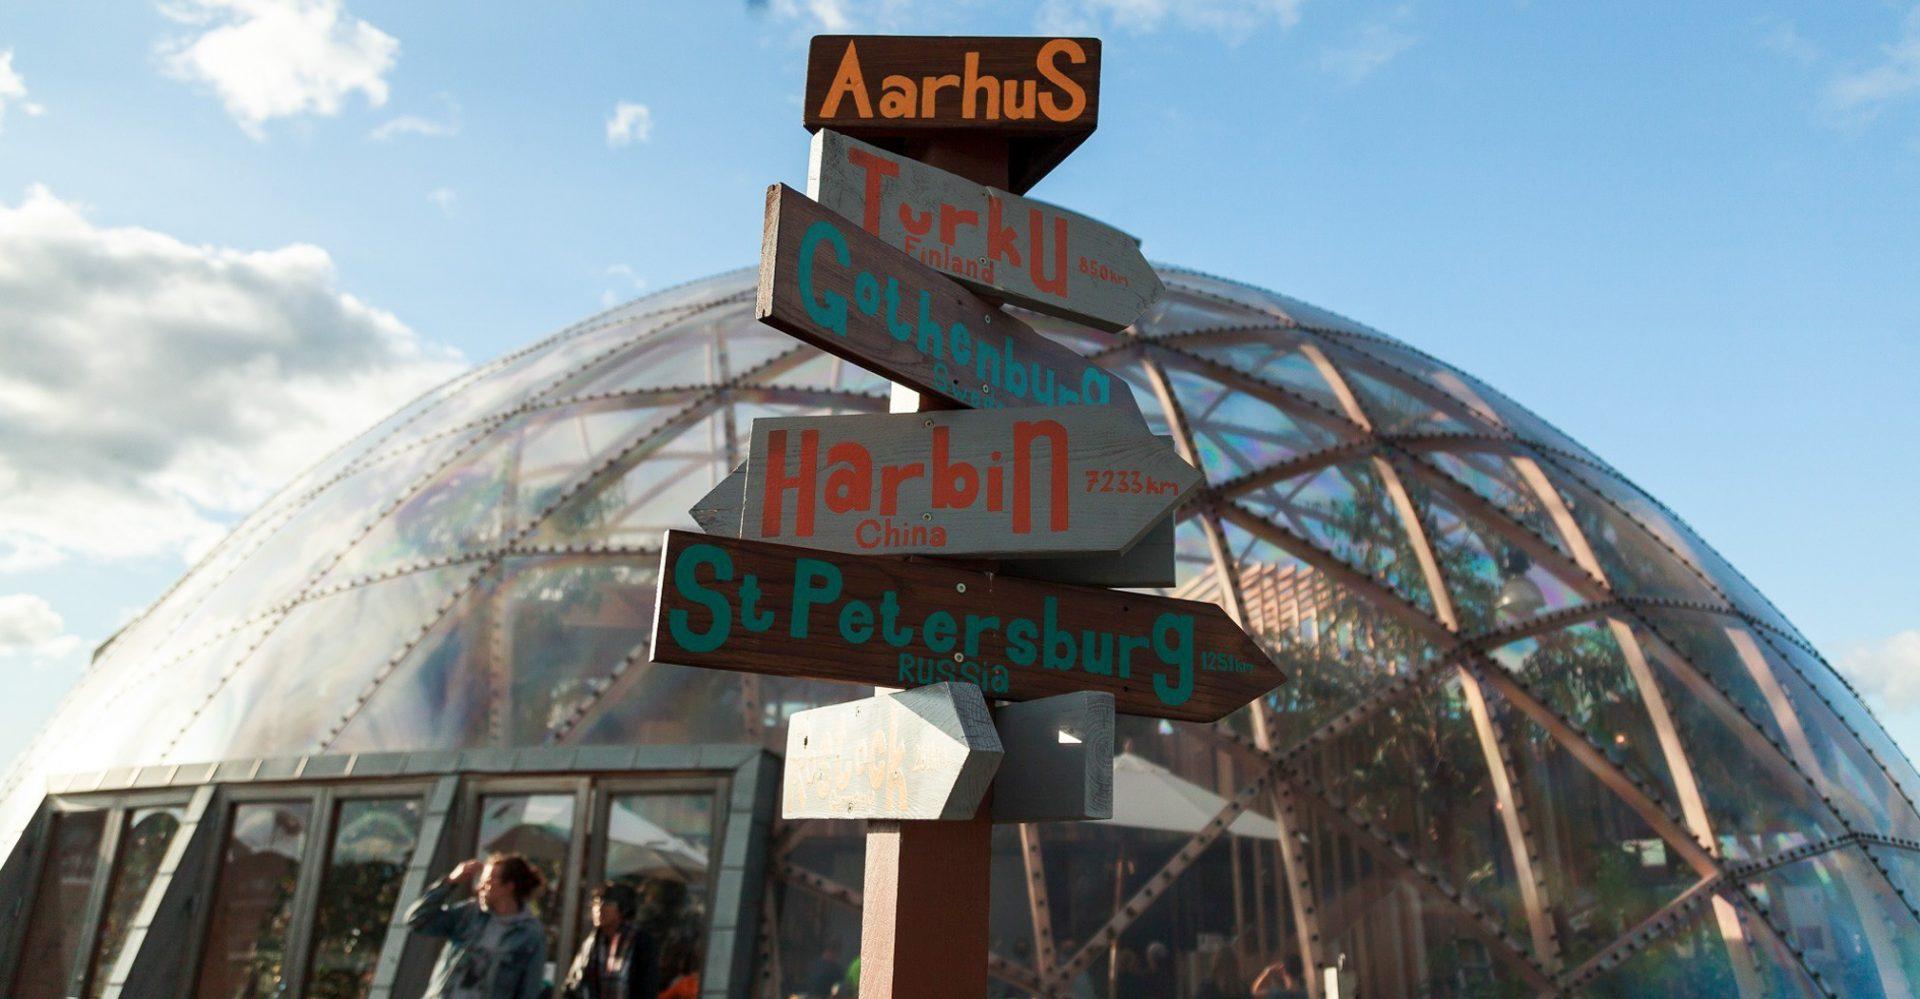 Gladeregader i Aarhus: Gratis arrangement om en mere menneskevenlig by